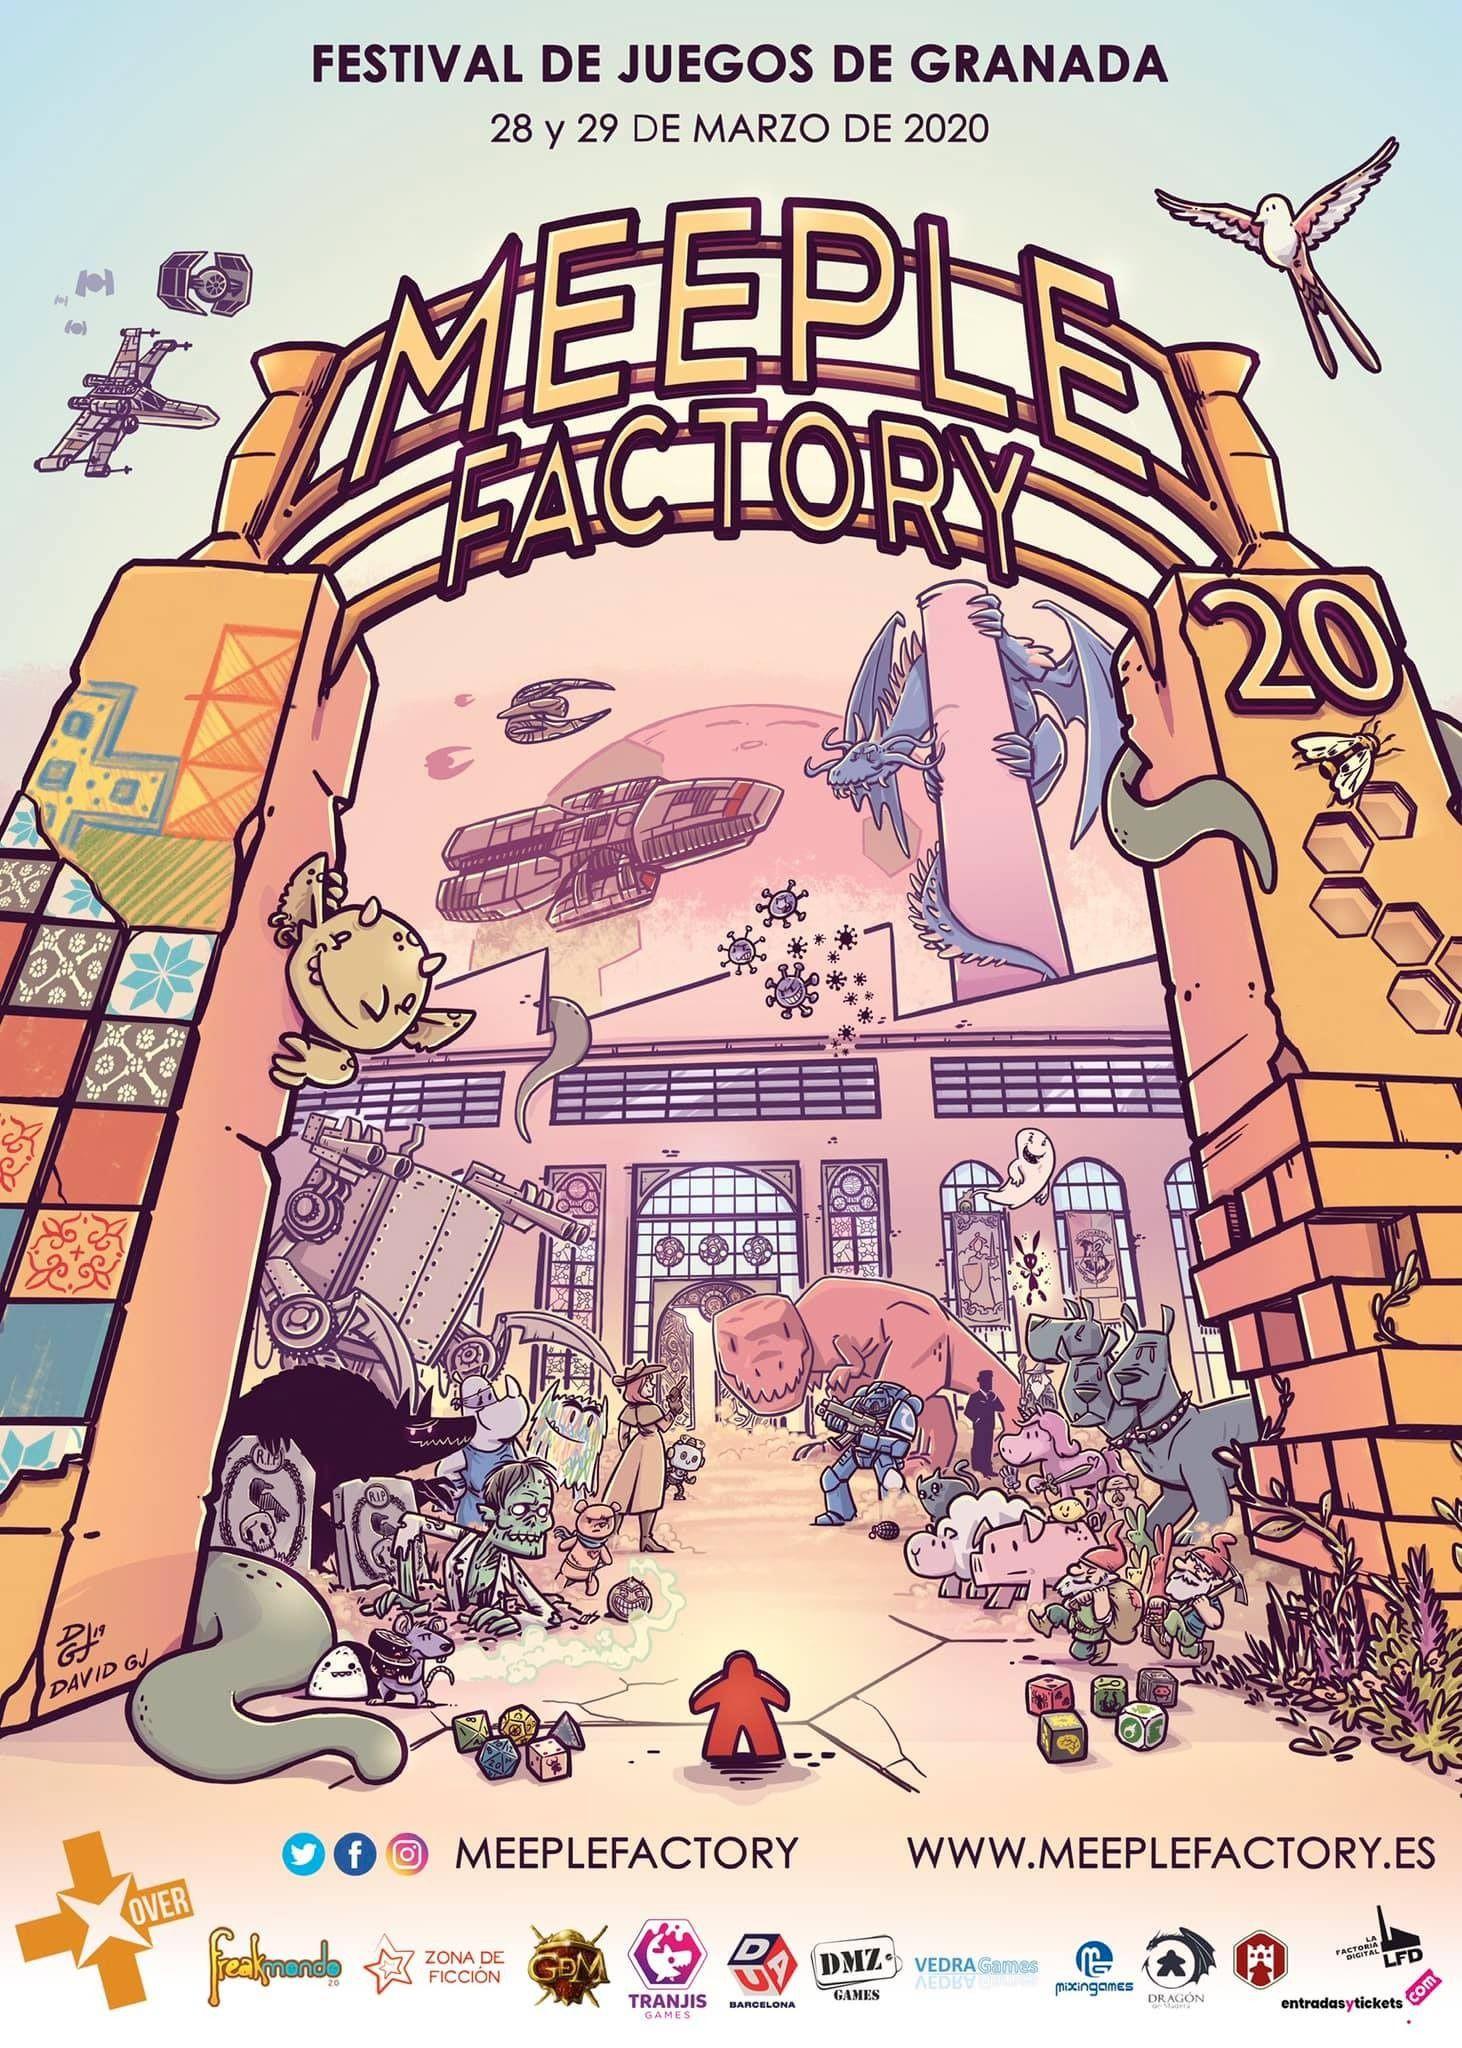 MeepleFactory